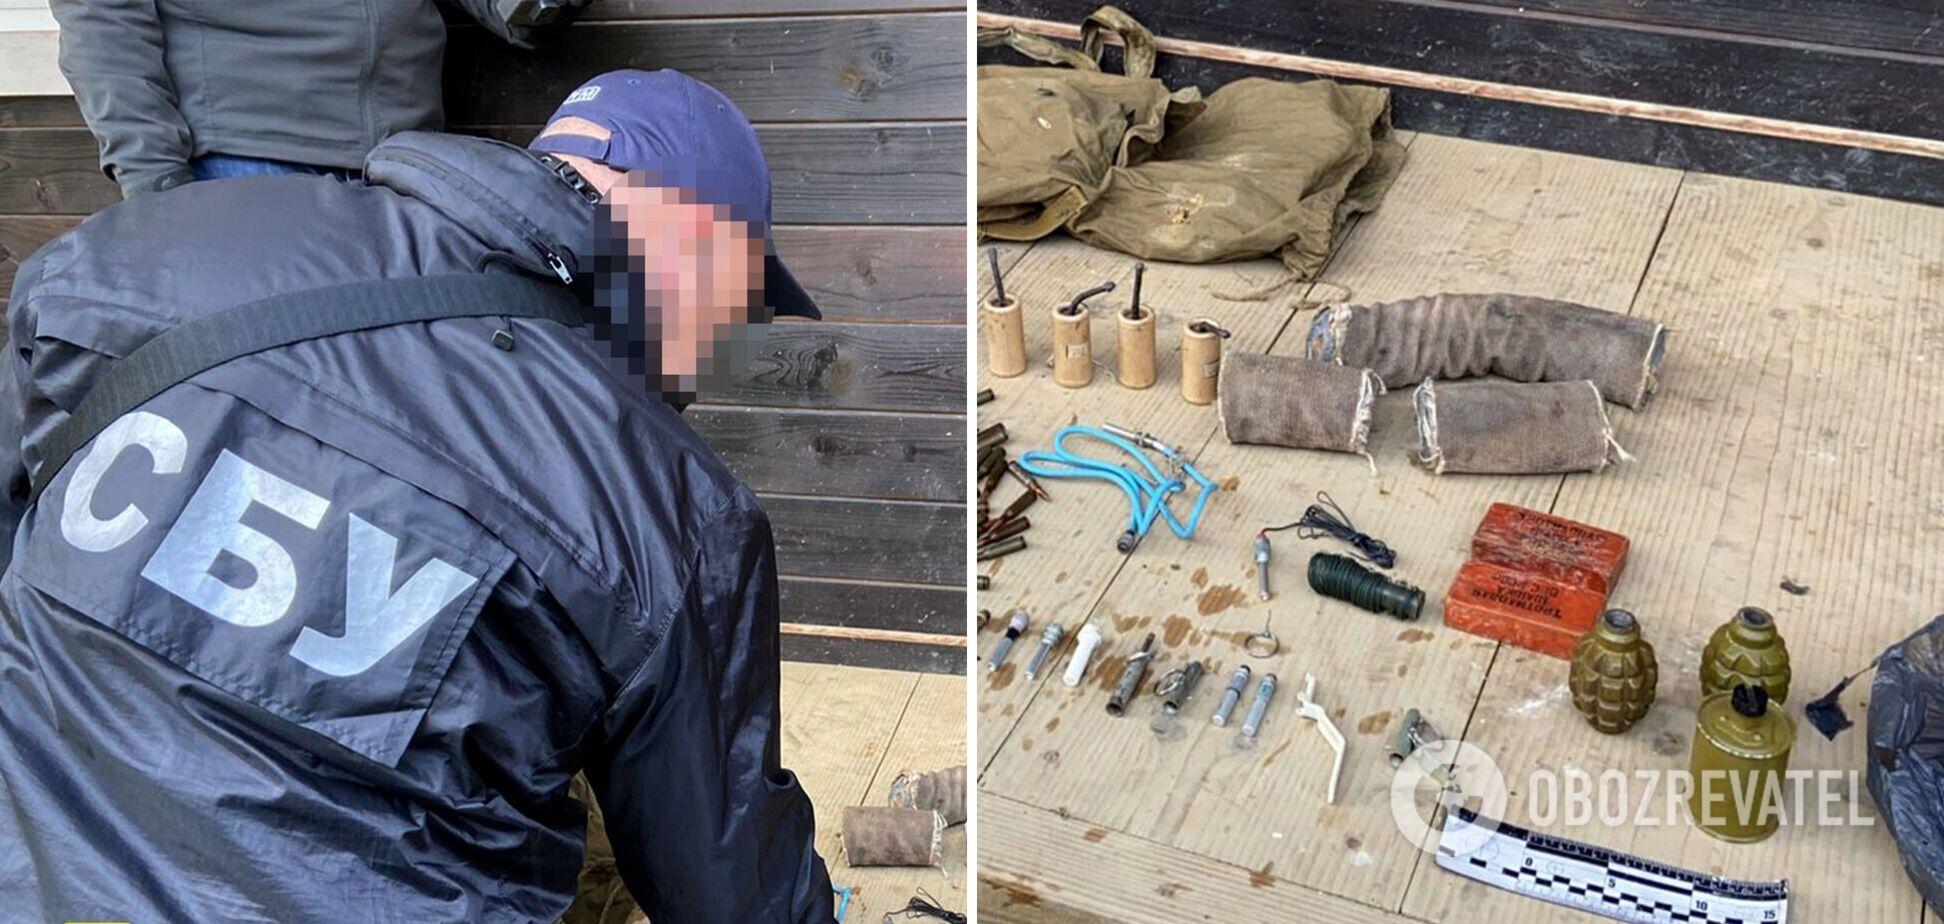 СБУ обнаружила у 'активиста' с Львовщины тайник со взрывчаткой и гранатами. Фото